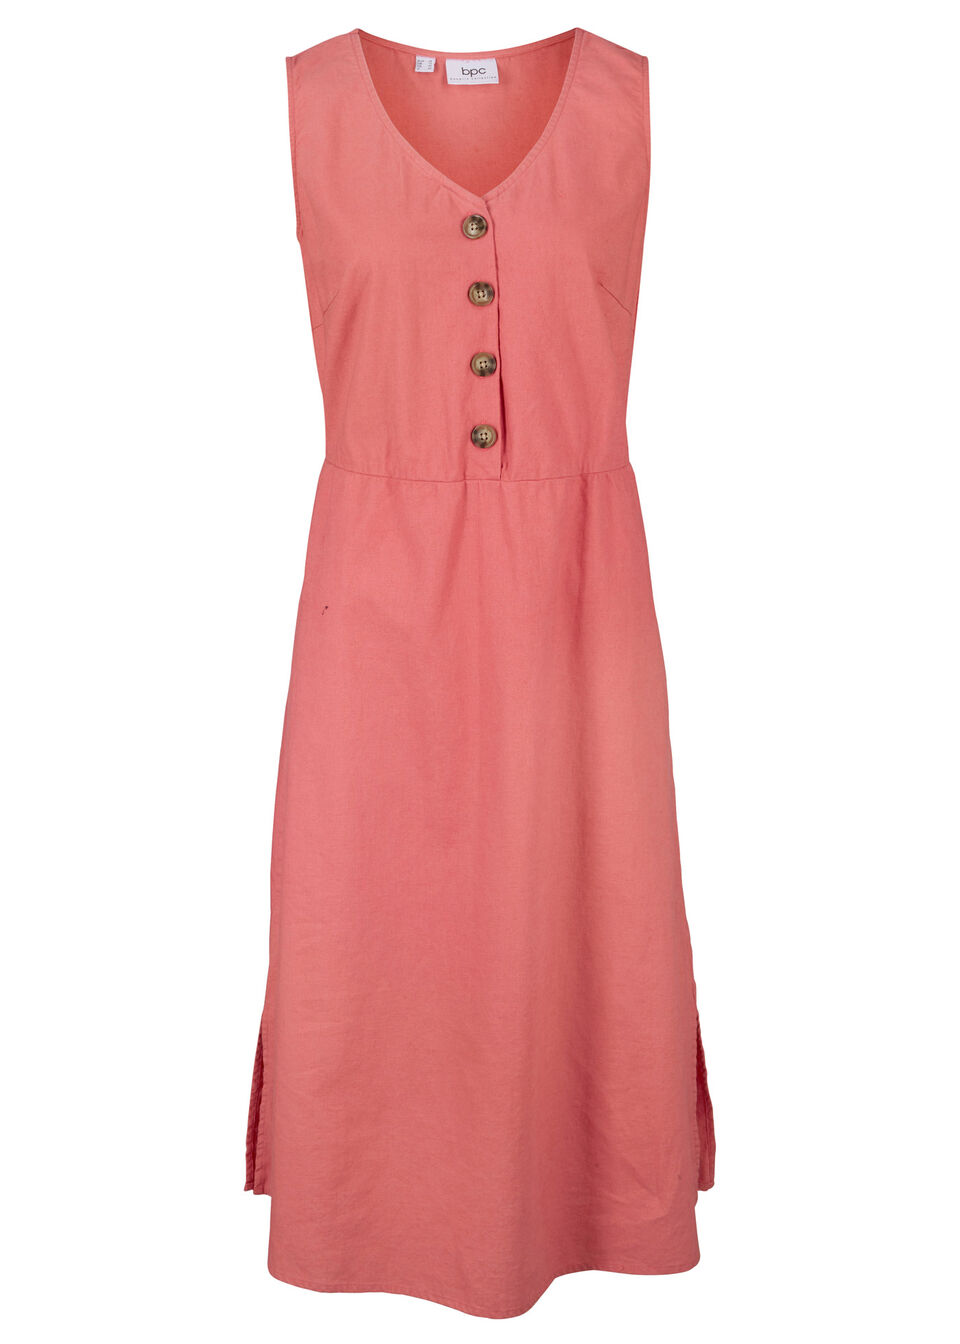 Sukienka lniana midi z plisą guzikową bonprix Sukienka lniana z pl.g rab